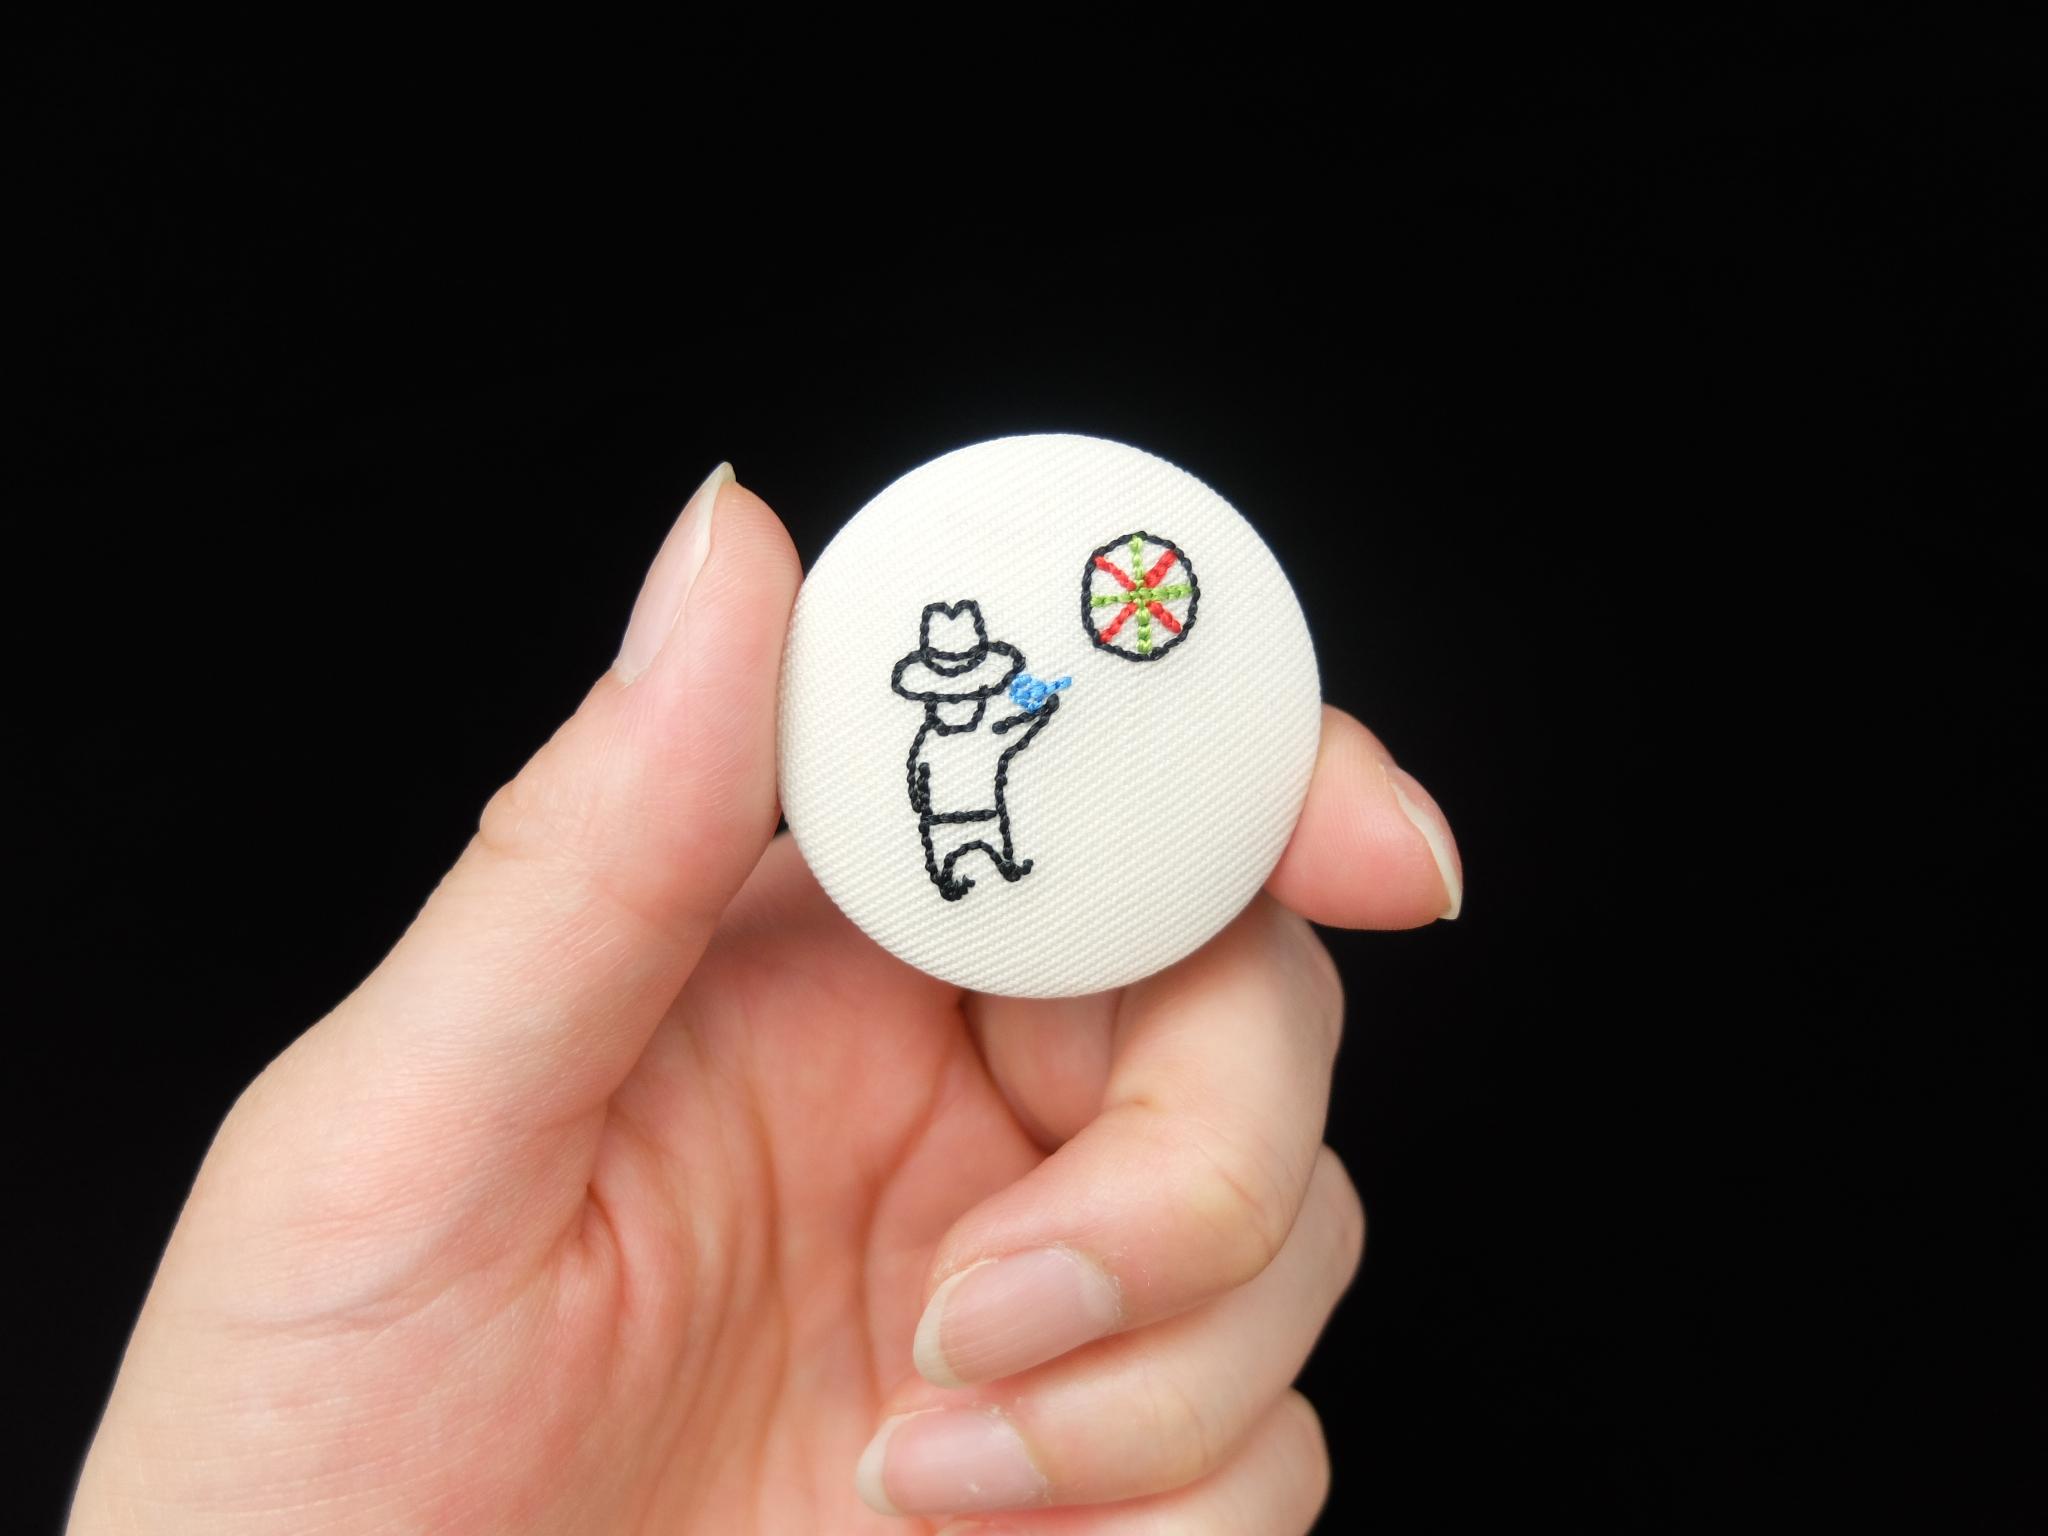 刺繍缶バッチ 小さいおじさん くるみボタン ダーツ